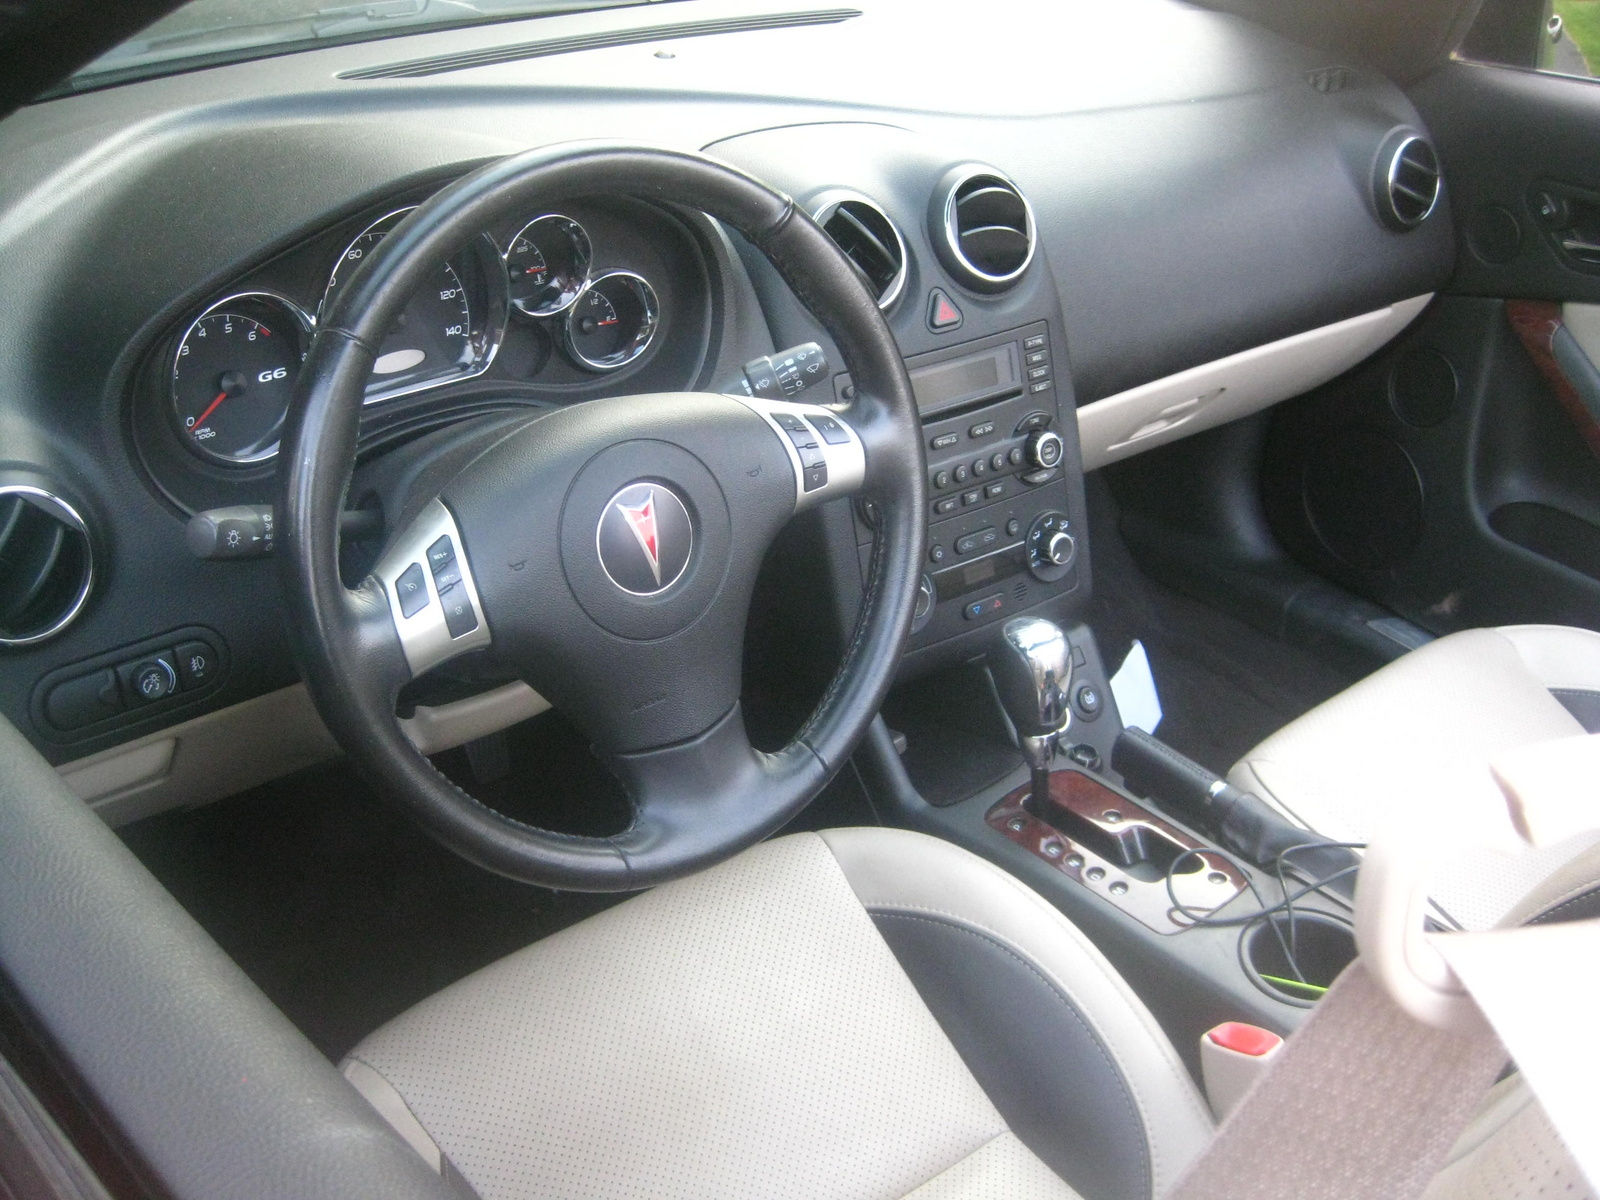 2006 Pontiac G6 Interior Pictures Cargurus